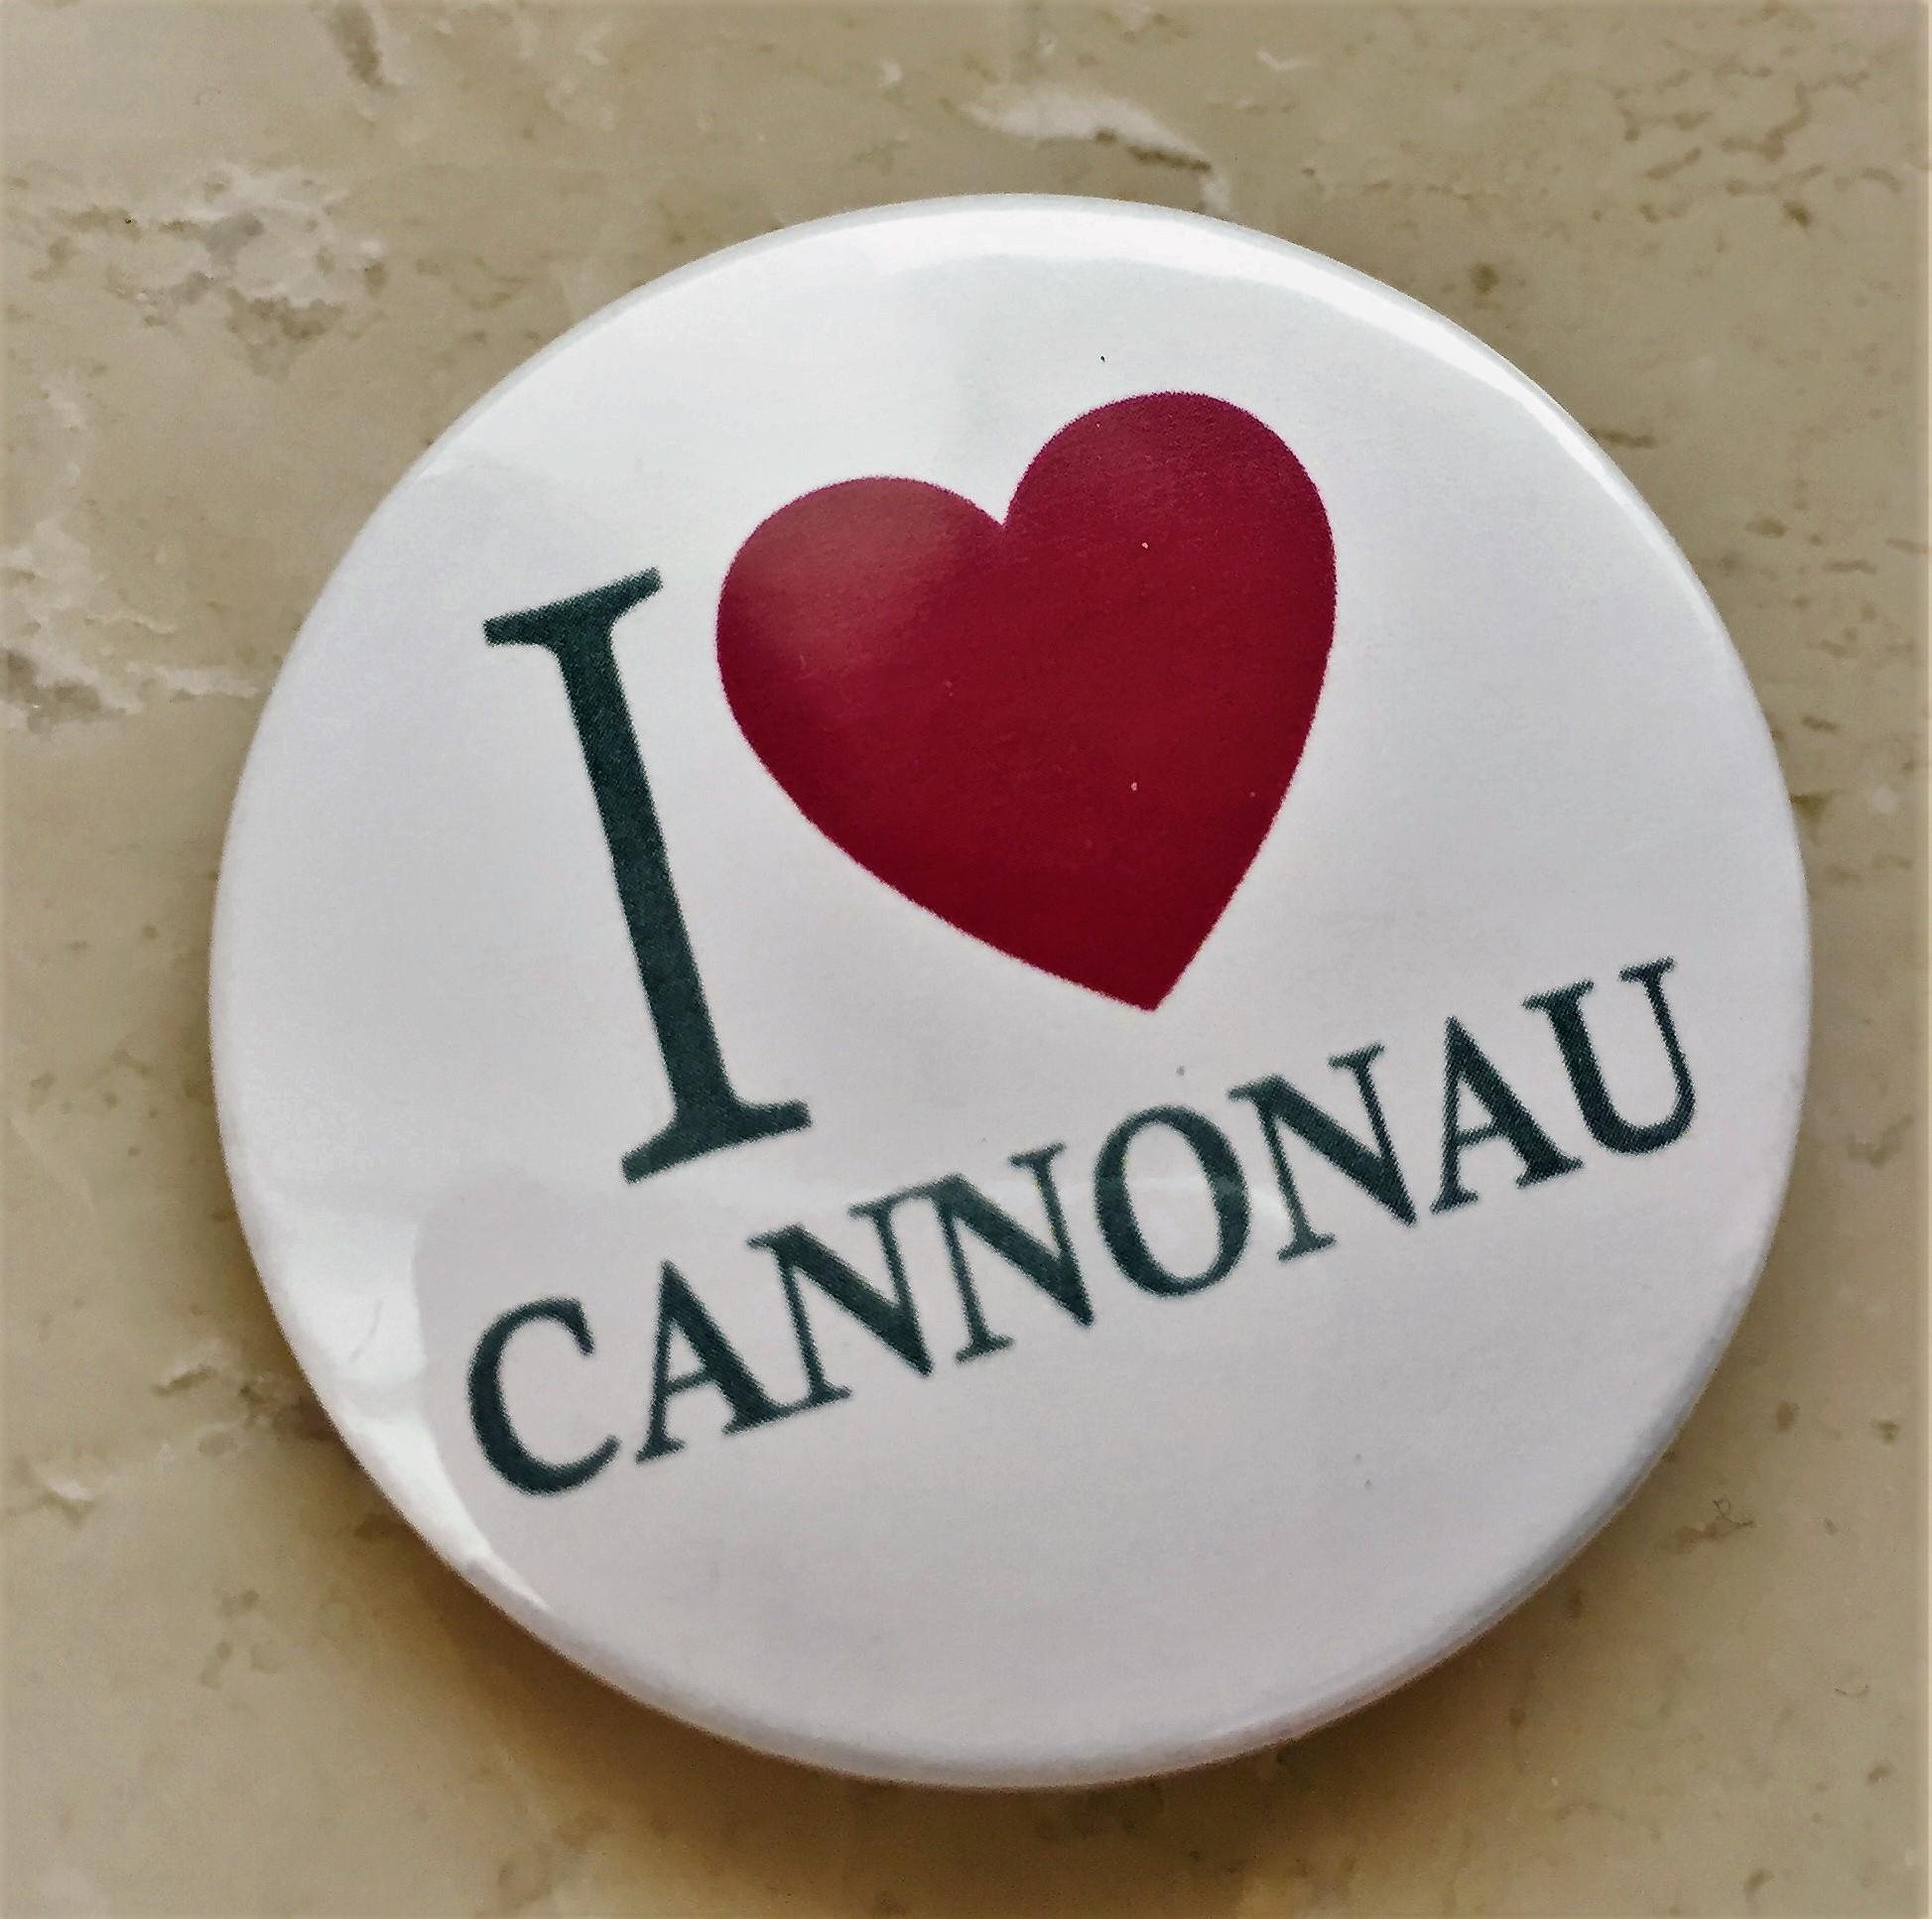 Cannonau - Foto cedida